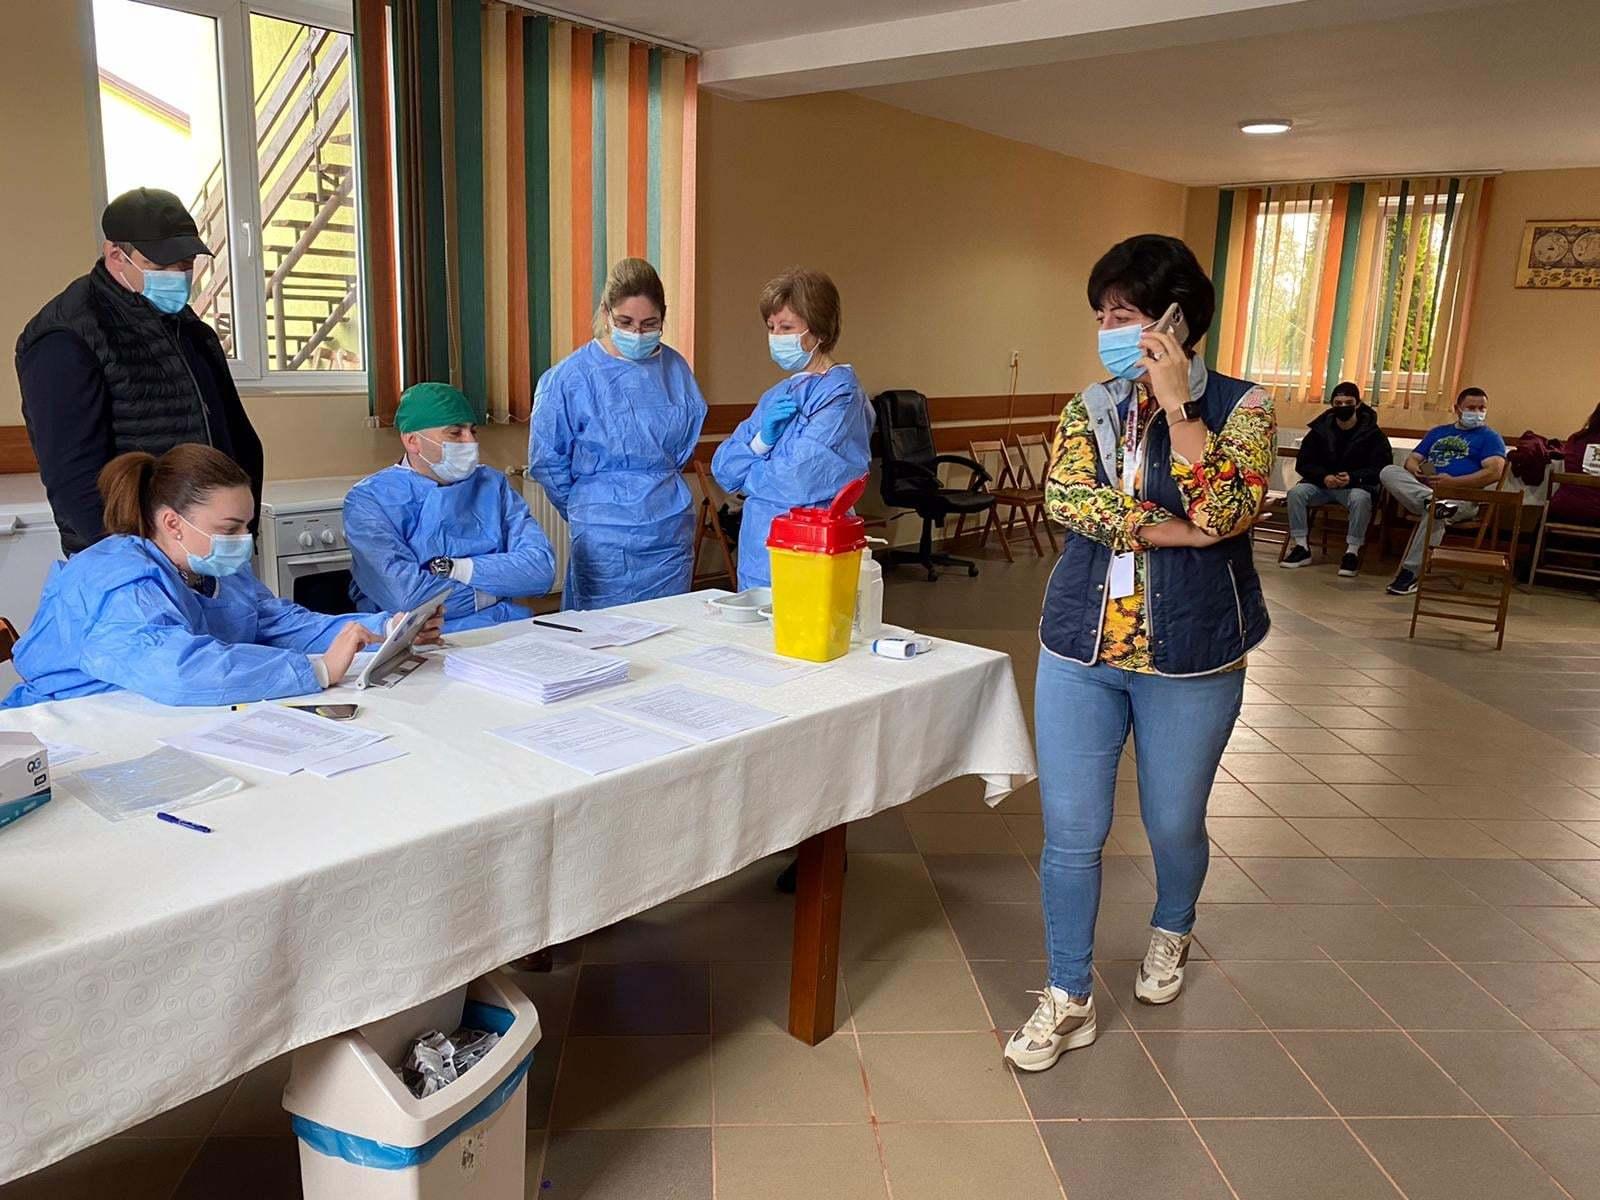 Sălaj: A debutat campania de vaccinare la sediile operatorilor economici / Peste 100 de angajaţi de la Boglarchamp, unul dintre cei mai mari cultivatori de ciuperci din România, imunizaţi